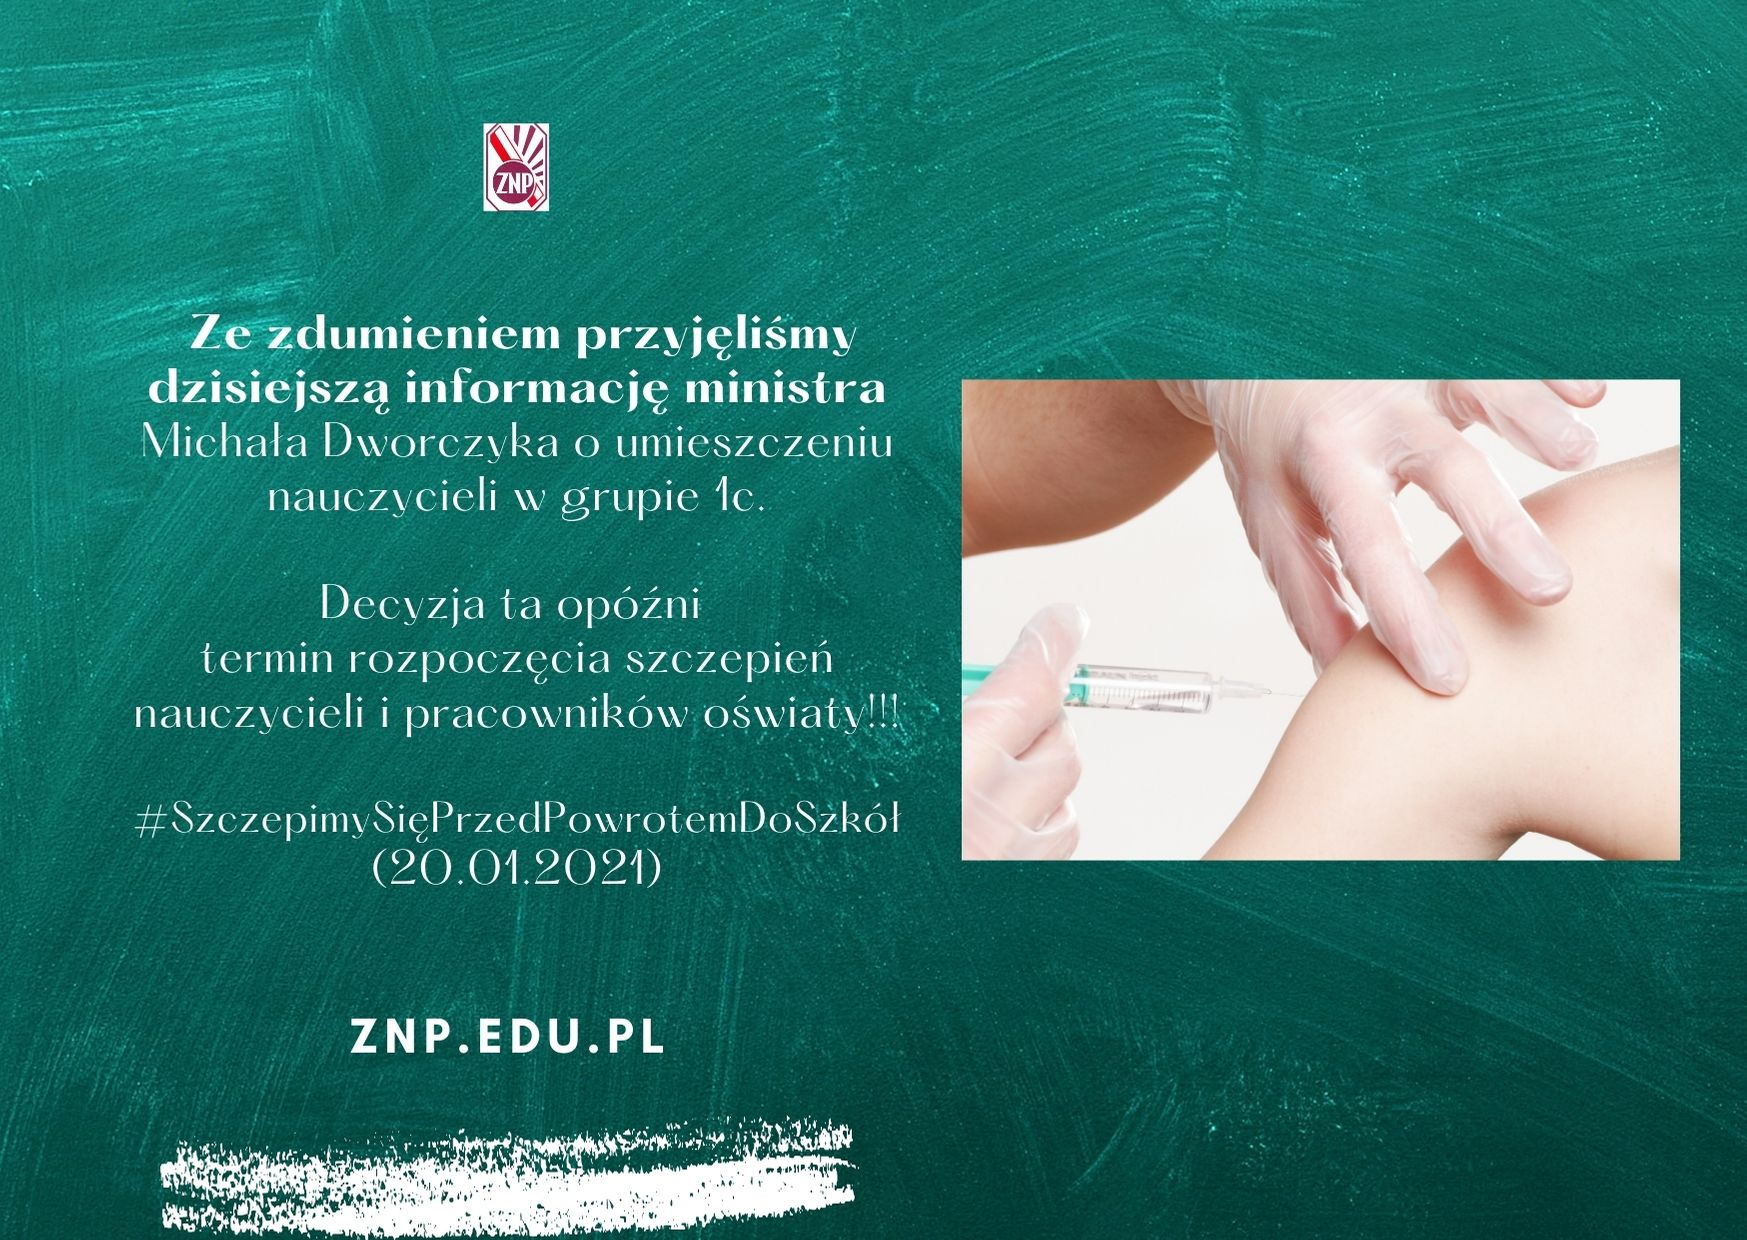 Oświadczenie ZNP w związku z korektą harmonogramu szczepień – 20.01.2021